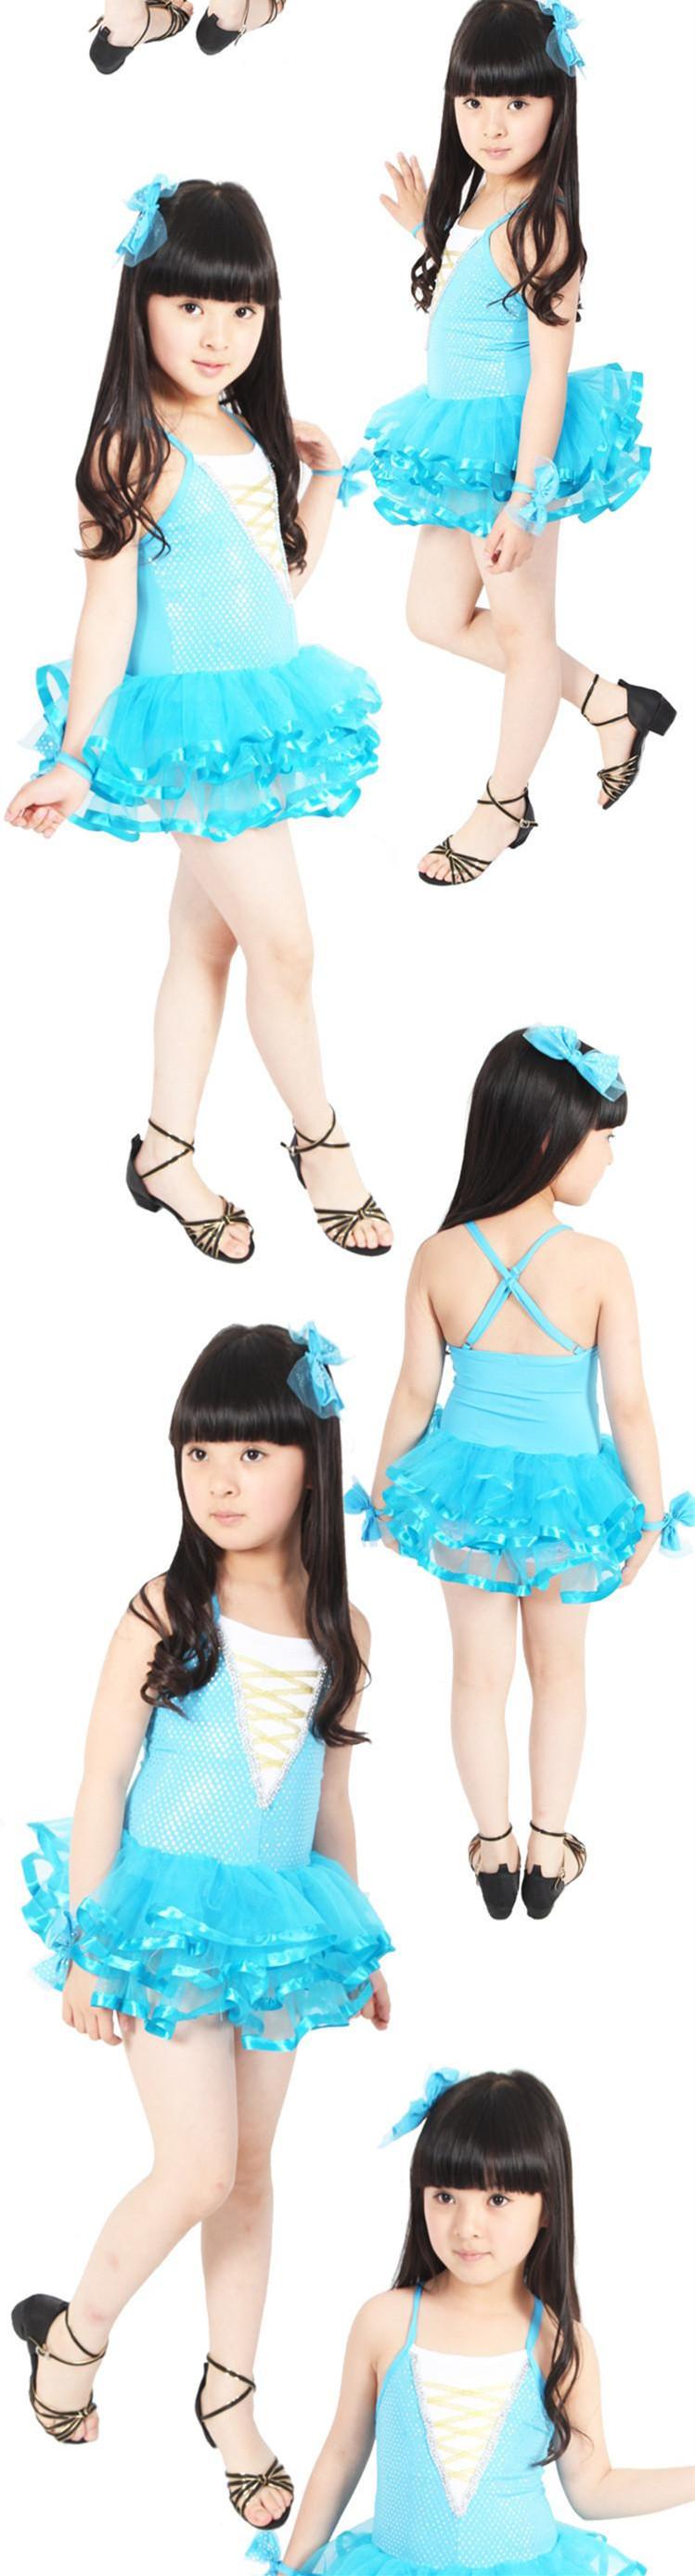 六一儿童节表演舞蹈裙演出服装小学生幼儿园拉丁舞带头饰手饰套装 玫